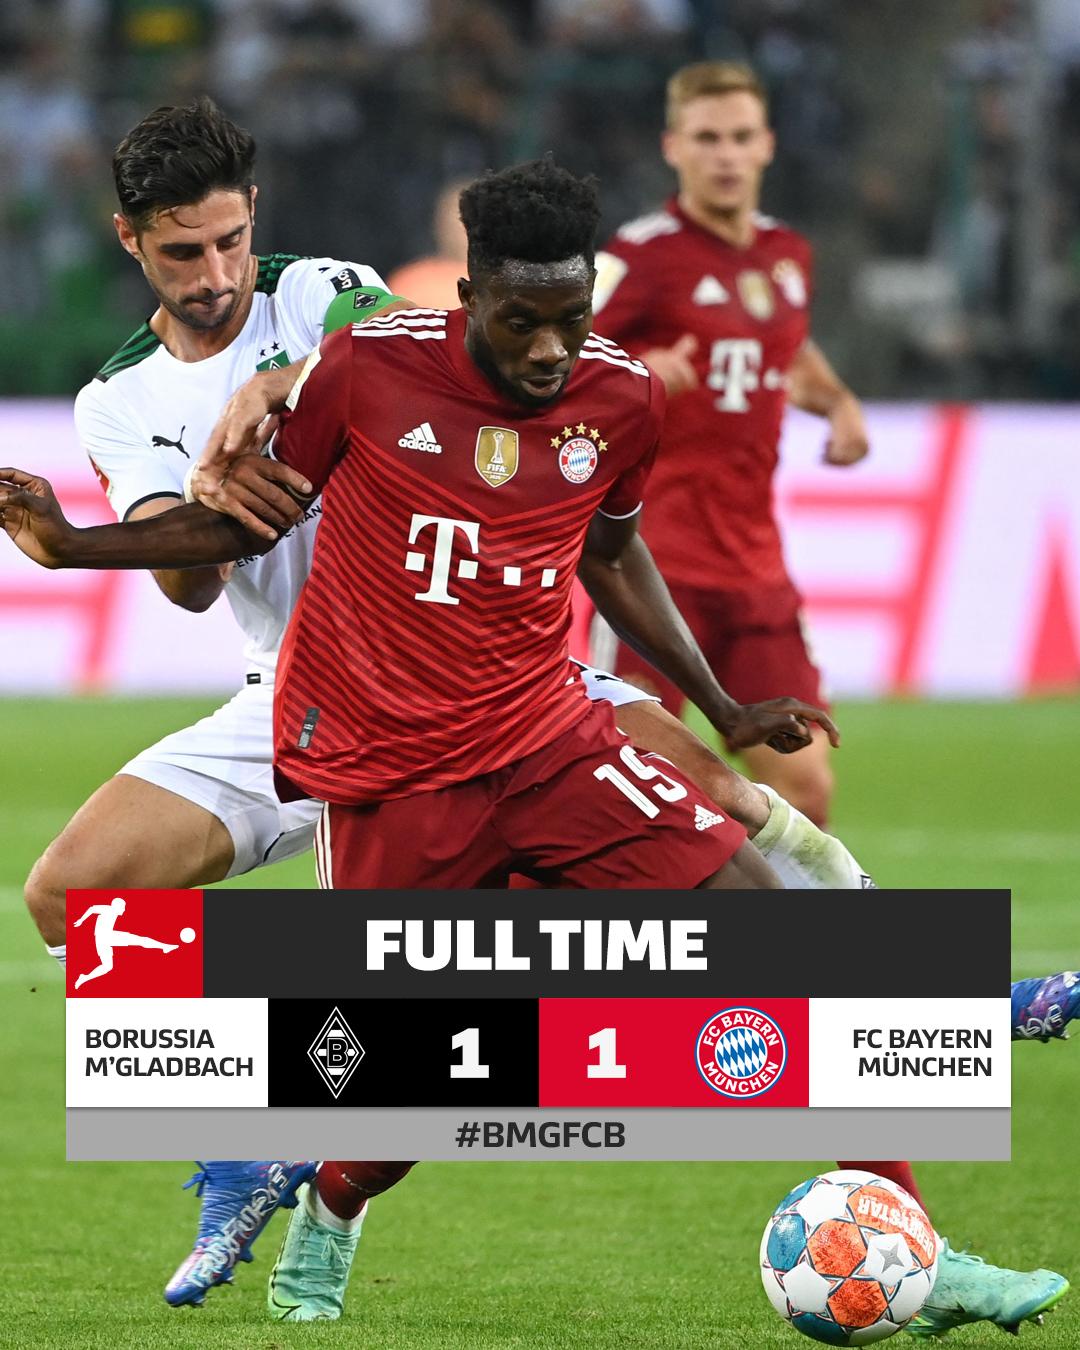 Il Bayern pareggia e continua una serie non perfetta di partite